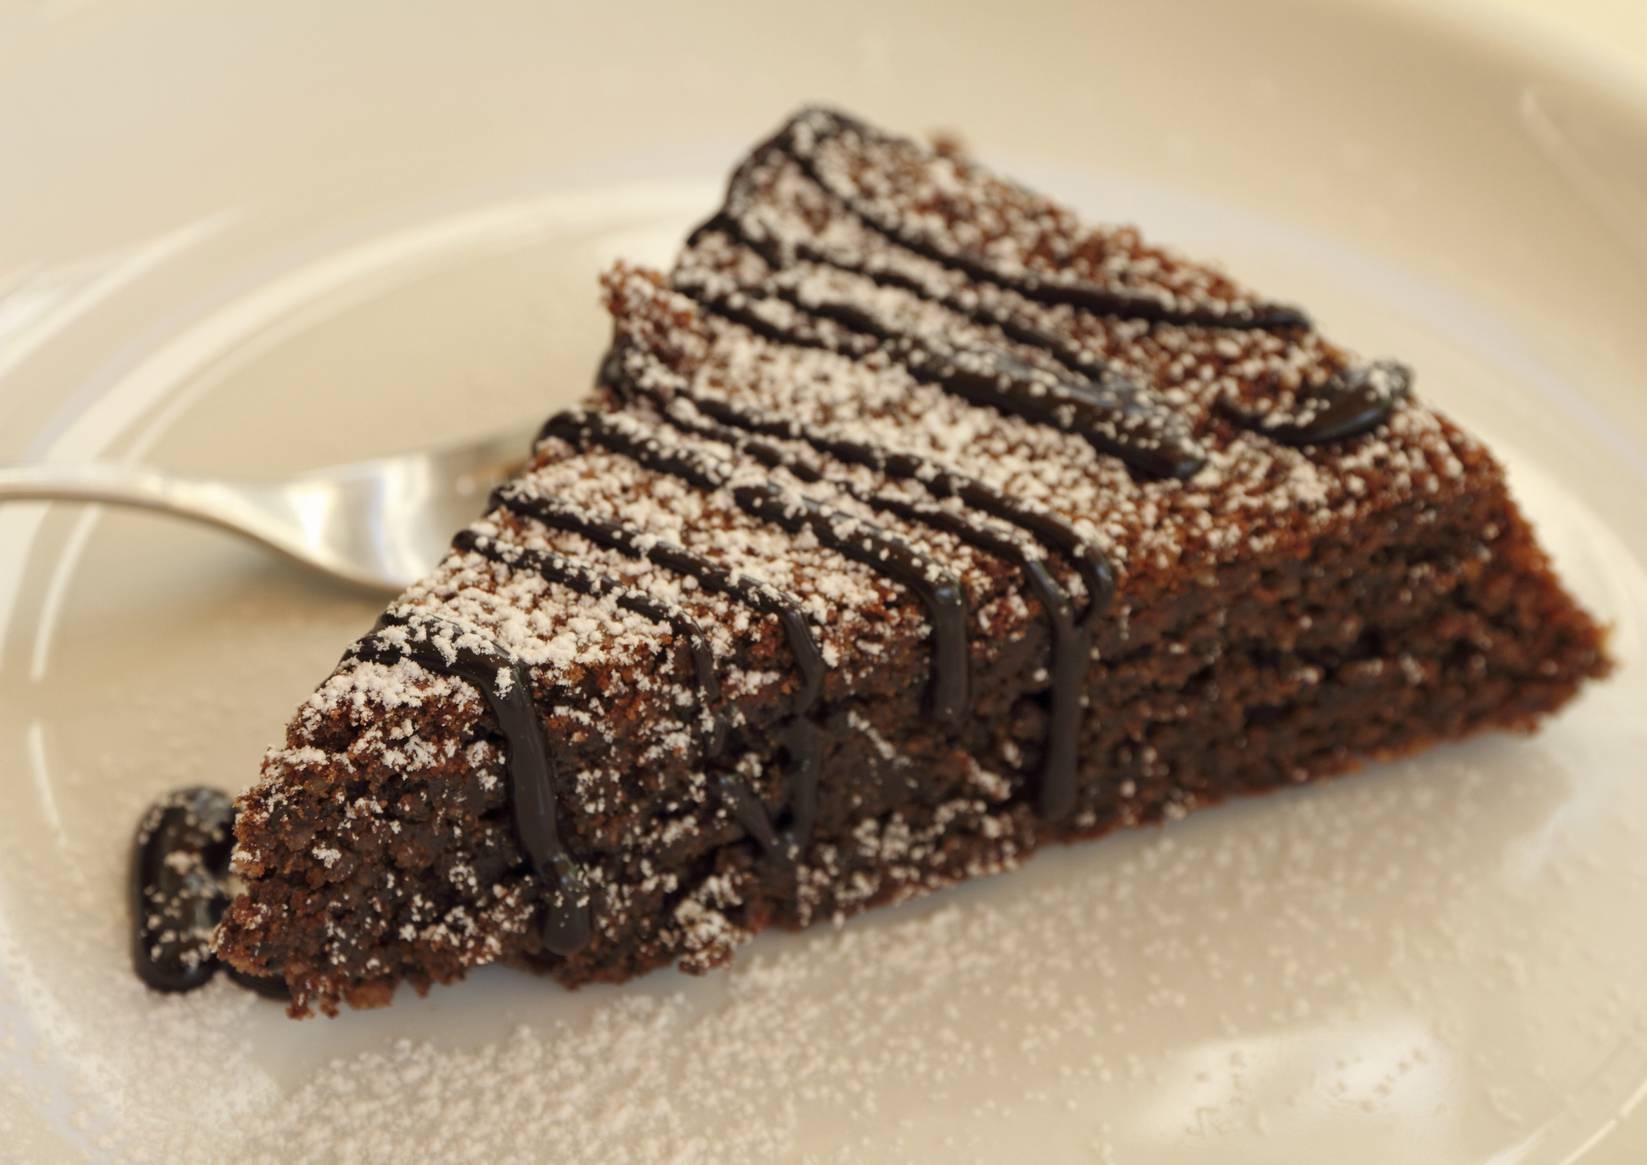 Torta caprese al cioccolato senza burro, la ricetta leggera e golosa